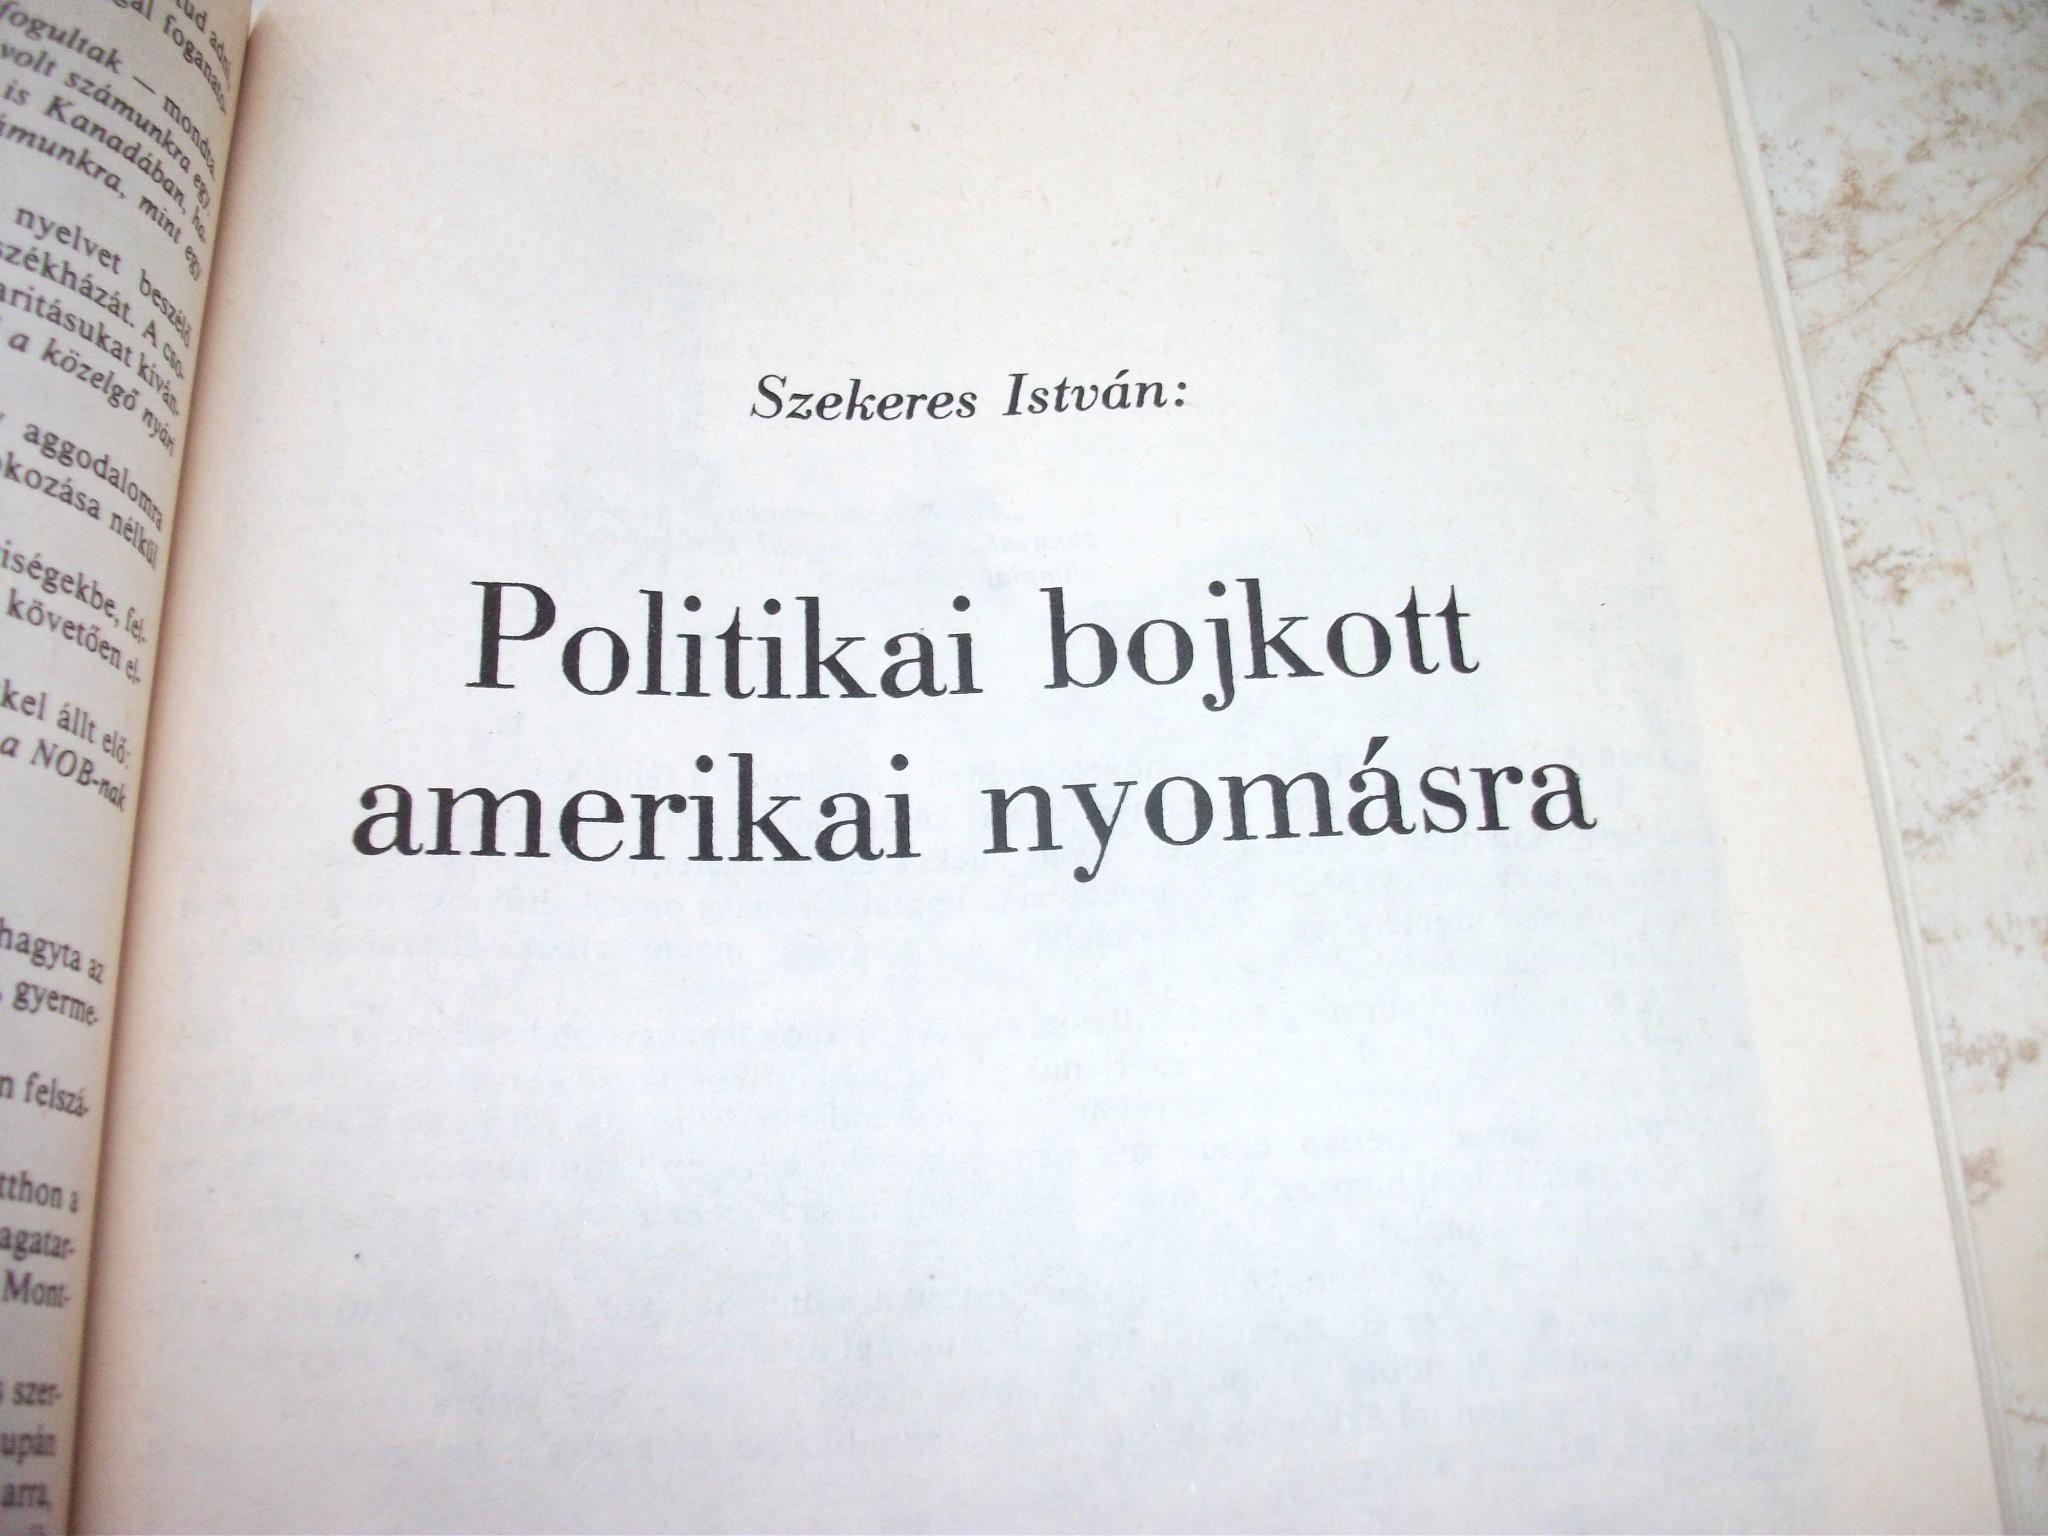 Részlet a könyvből / Fotó: Galeriasavaria.hu